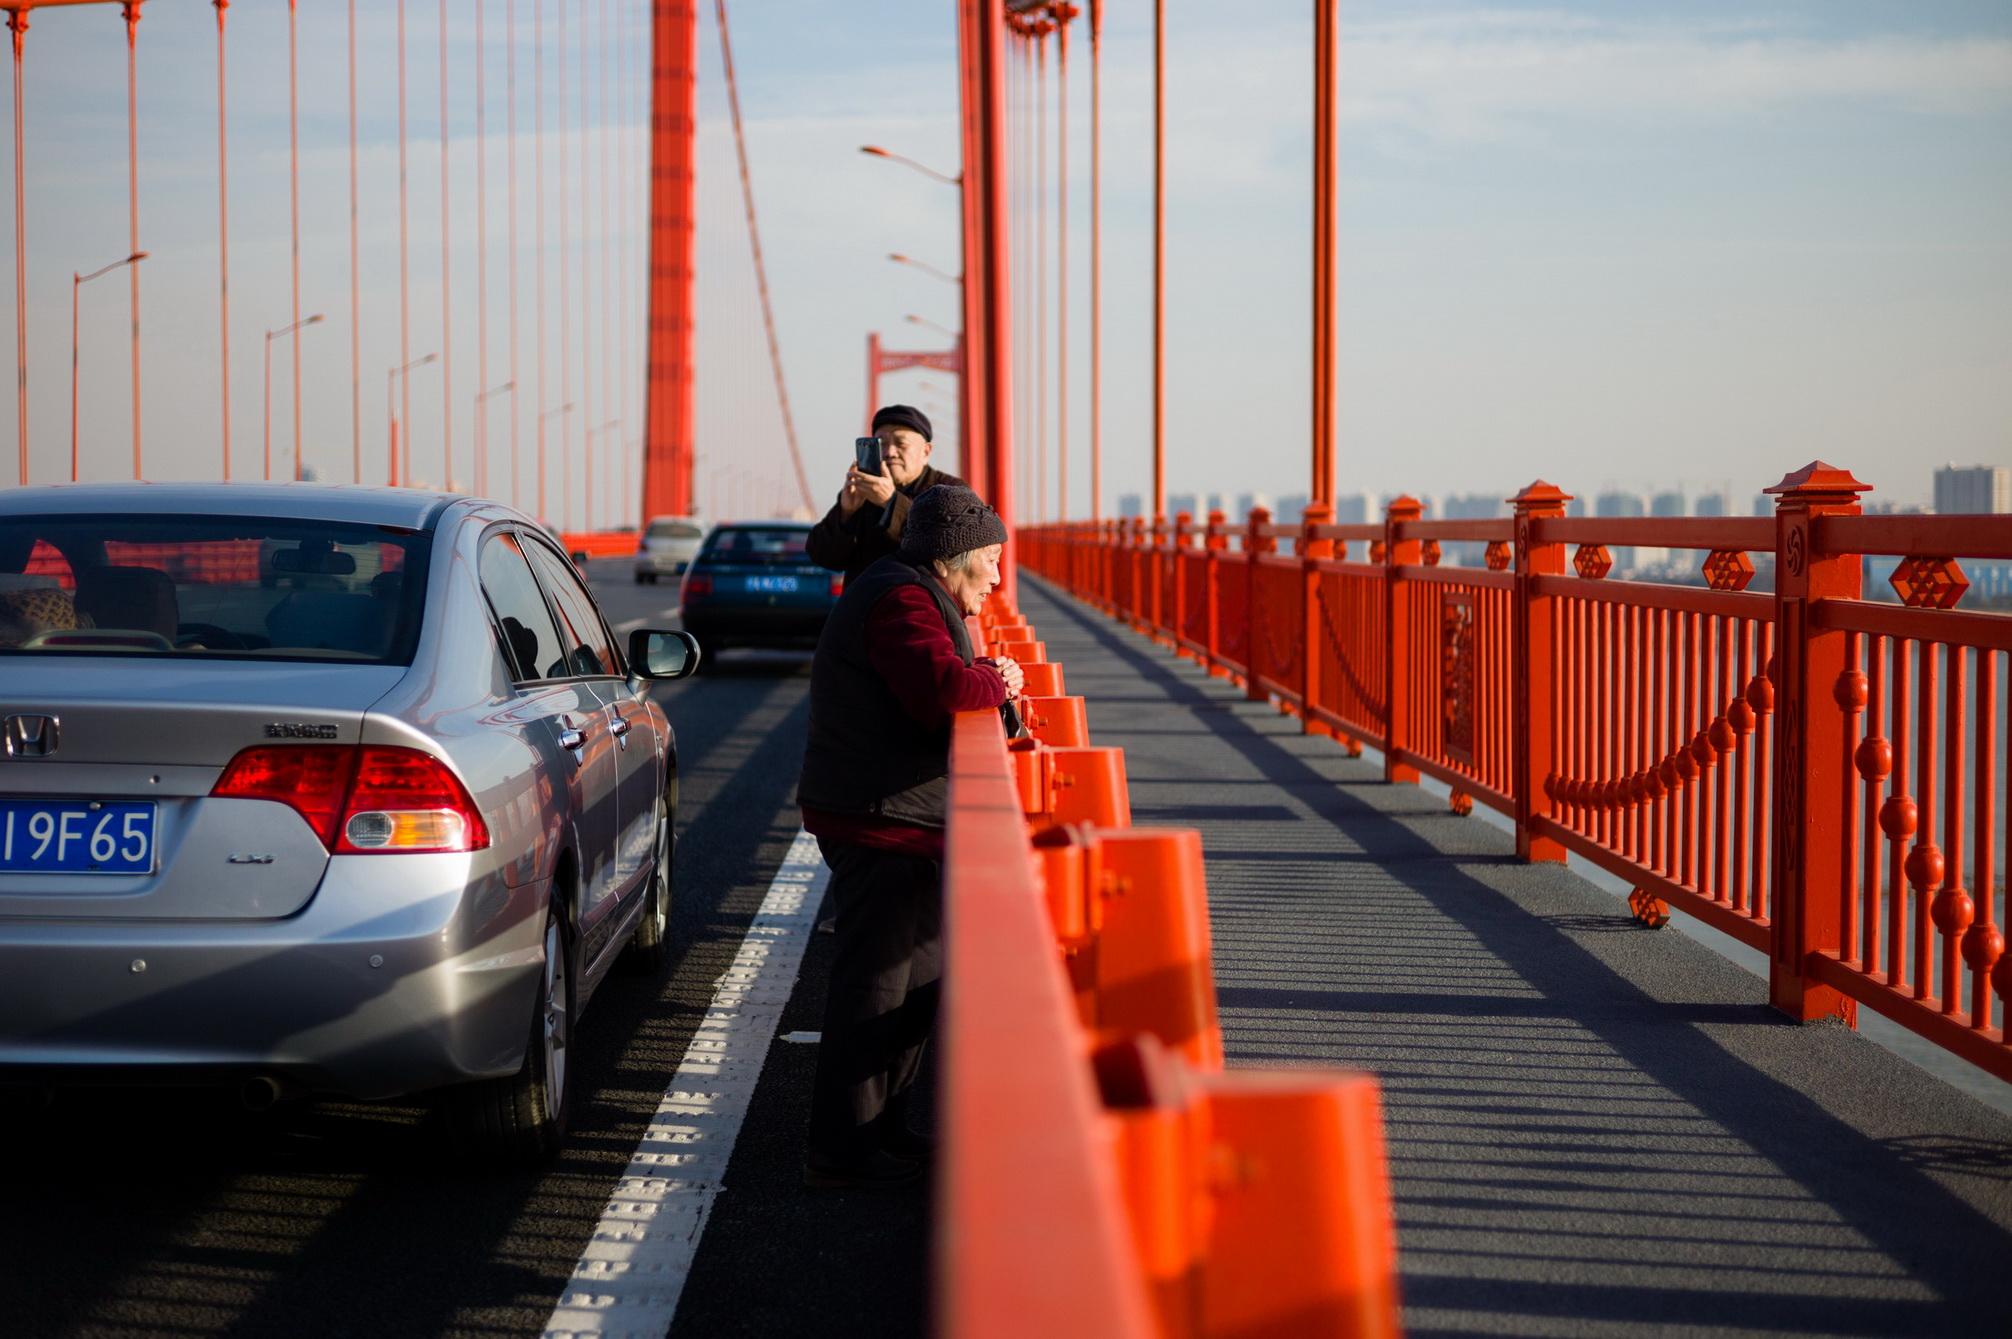 2015年元旦,谌毅拍摄于鹦鹉洲的长江大桥。那天大桥通车,不少市民自发上桥参观。